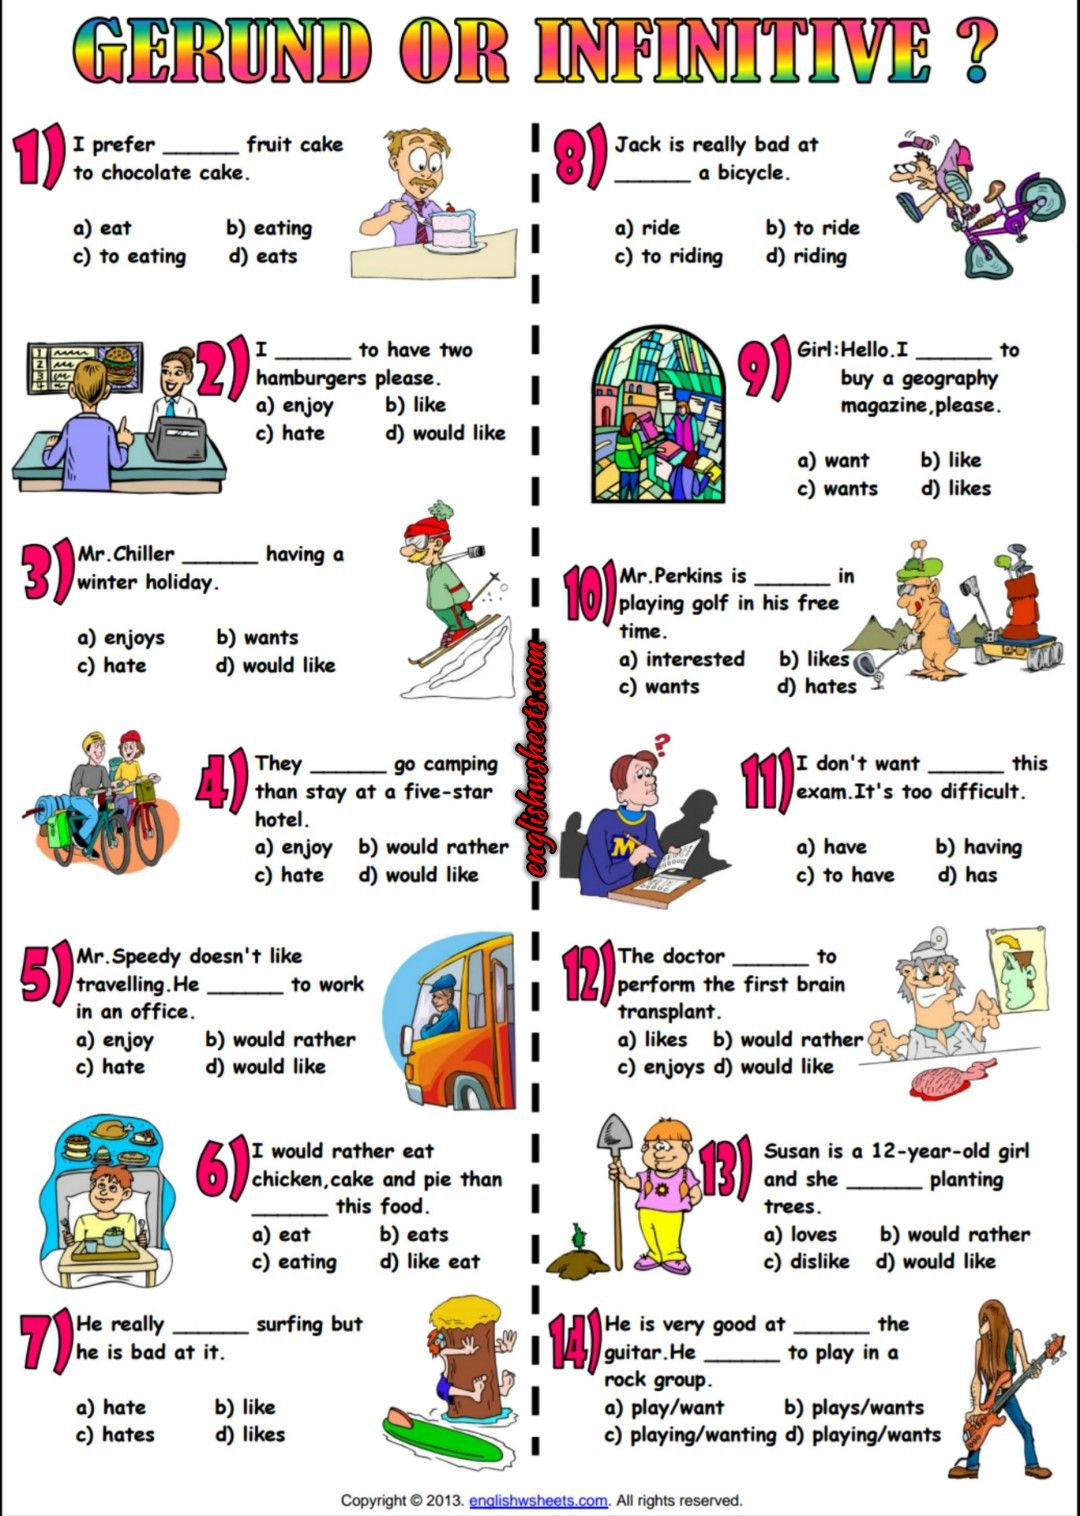 worksheet Esl Gerunds Worksheet gerund or infinitive multiple choice esl worksheet education worksheet